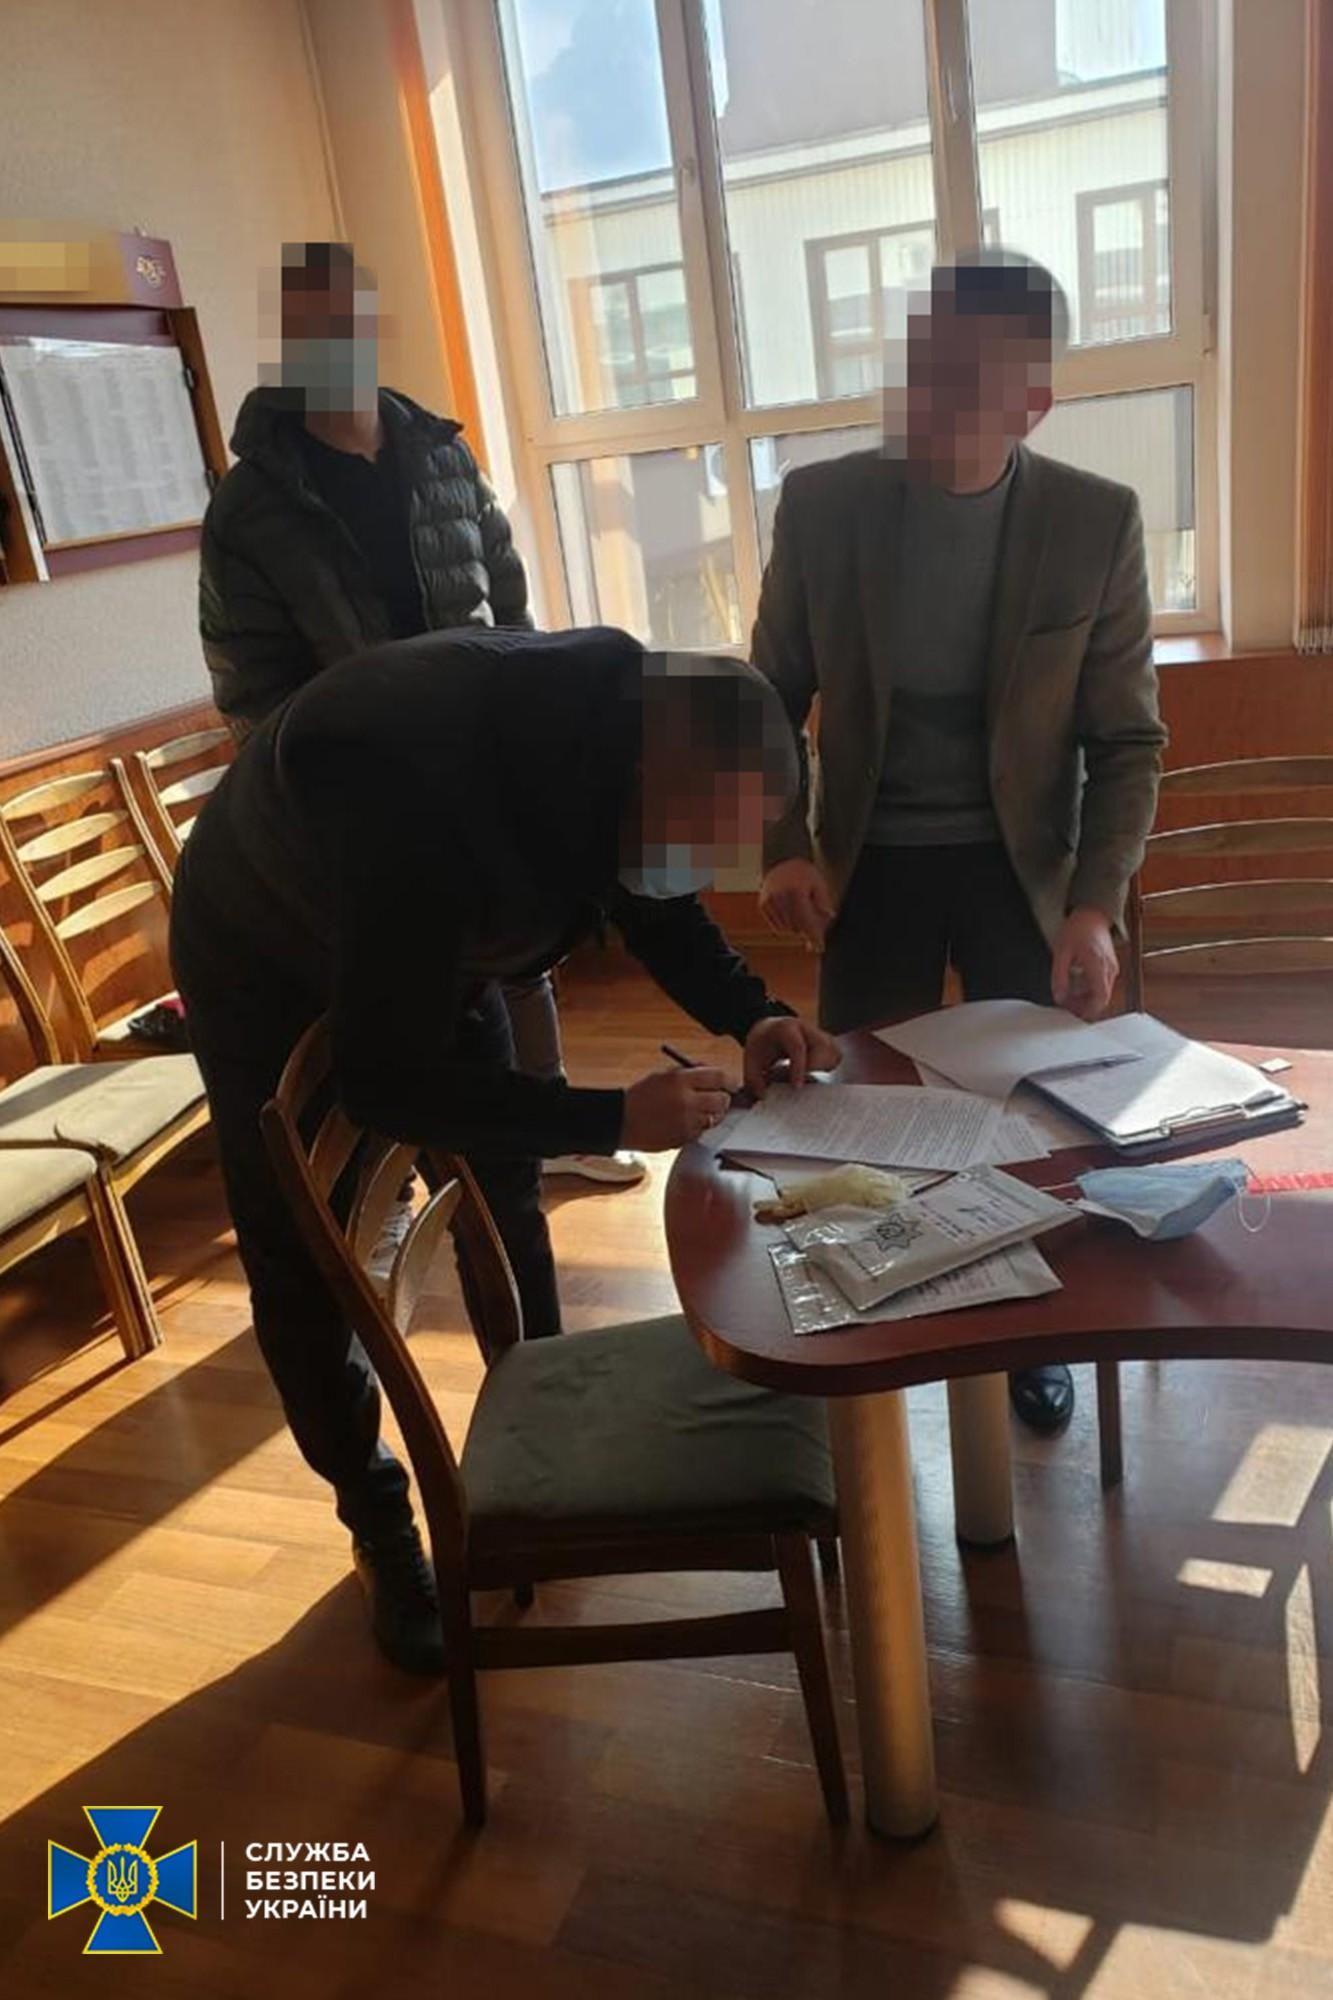 Працівники СБУ затримали організатора схеми